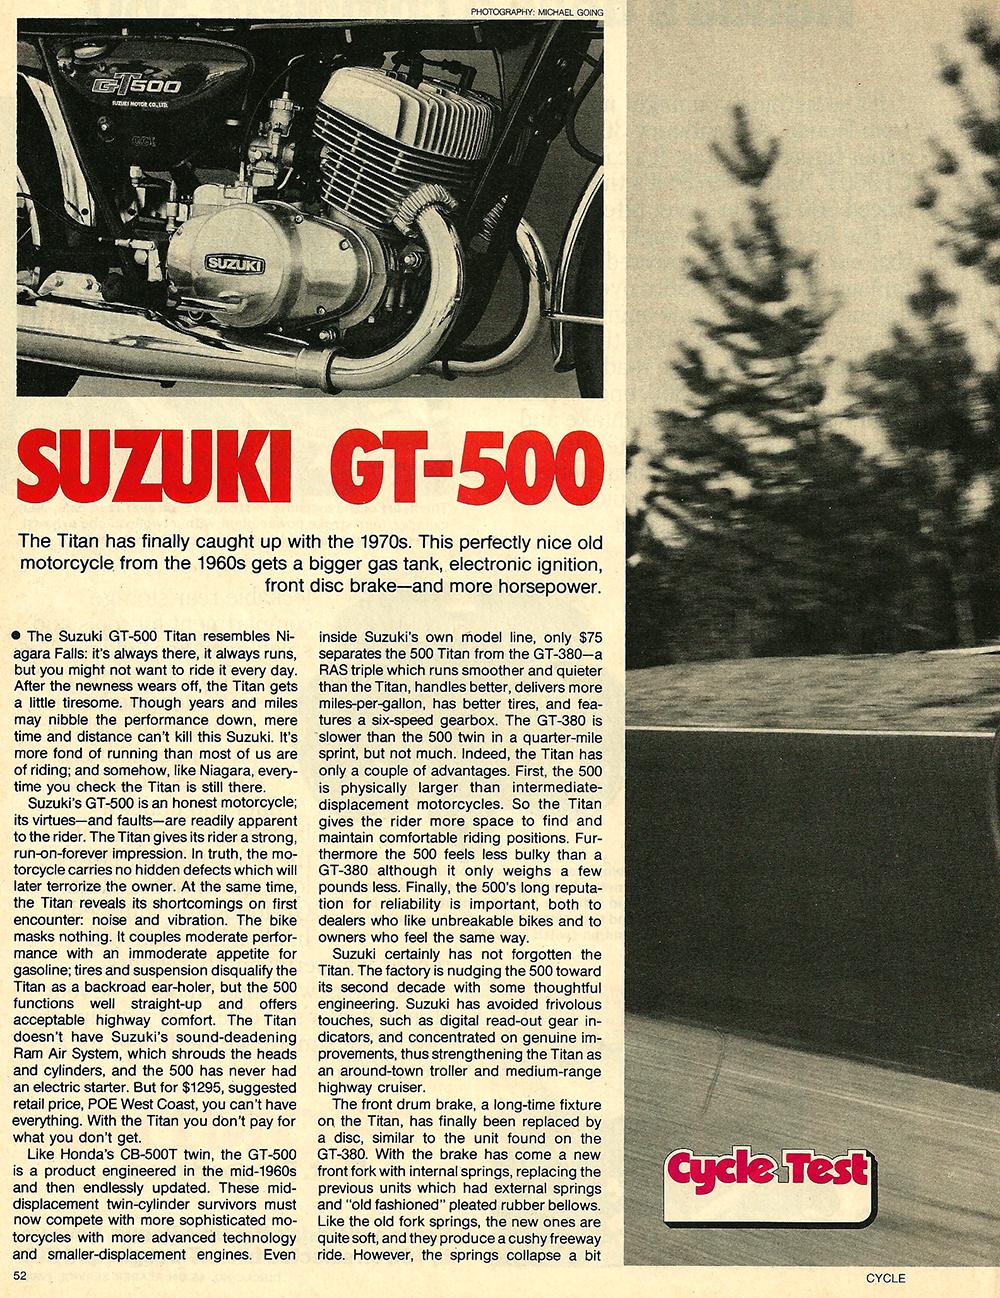 1976 Suzuki GT500 road test 1.jpg